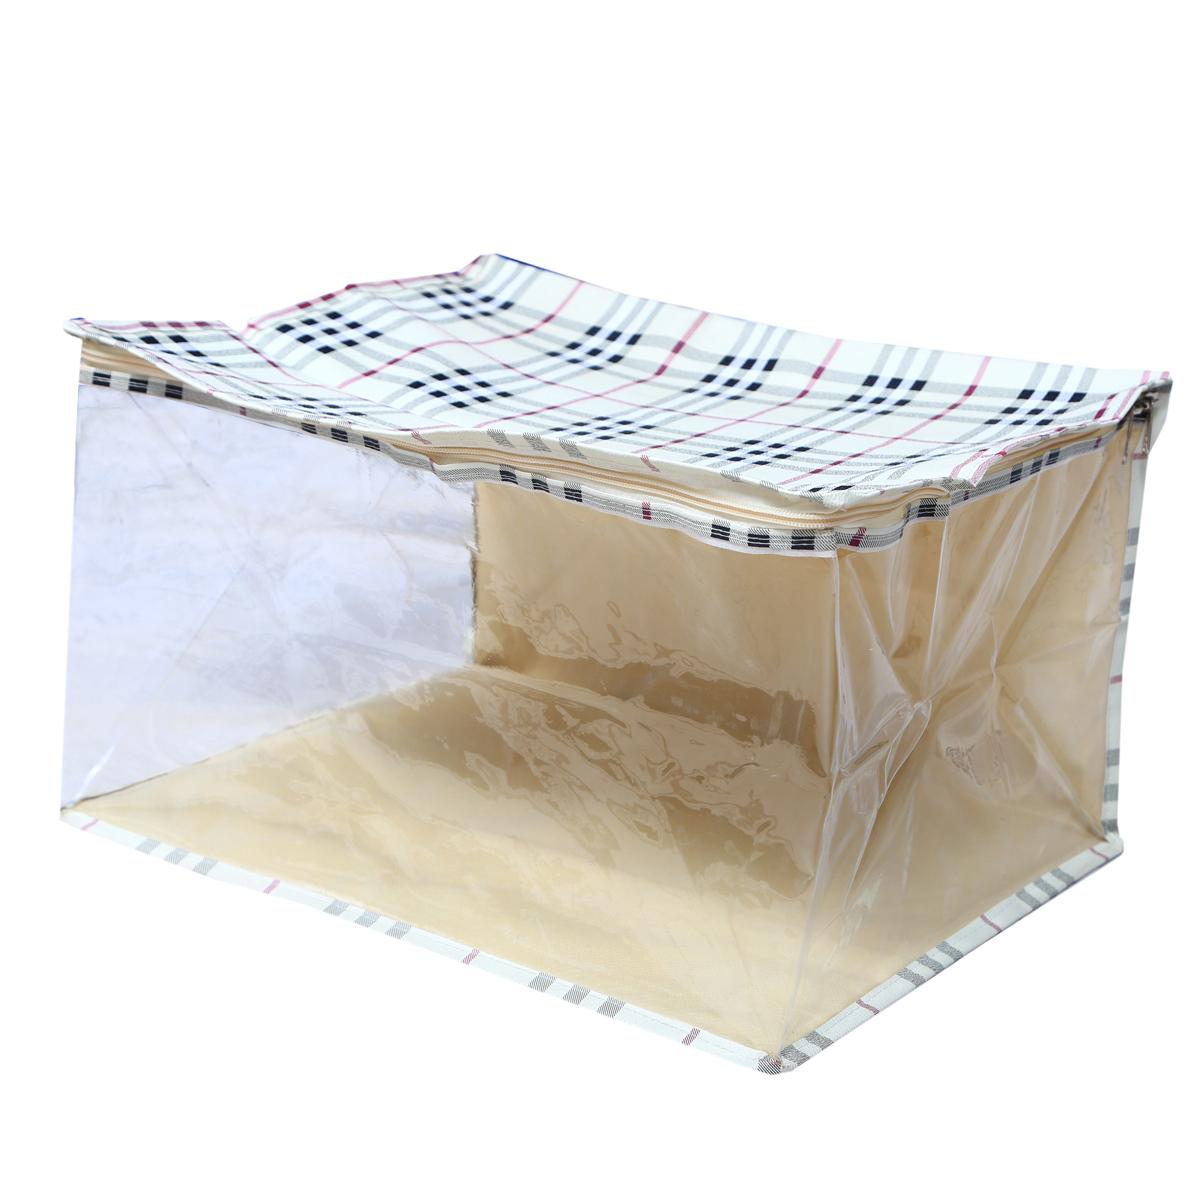 Kuber Industries Extra Large Saree Cover,Saree Bag,Regular Cloth Bag, Wardrobe Organiser Set of 4 Pcs  Cream  Waterproof Fabric